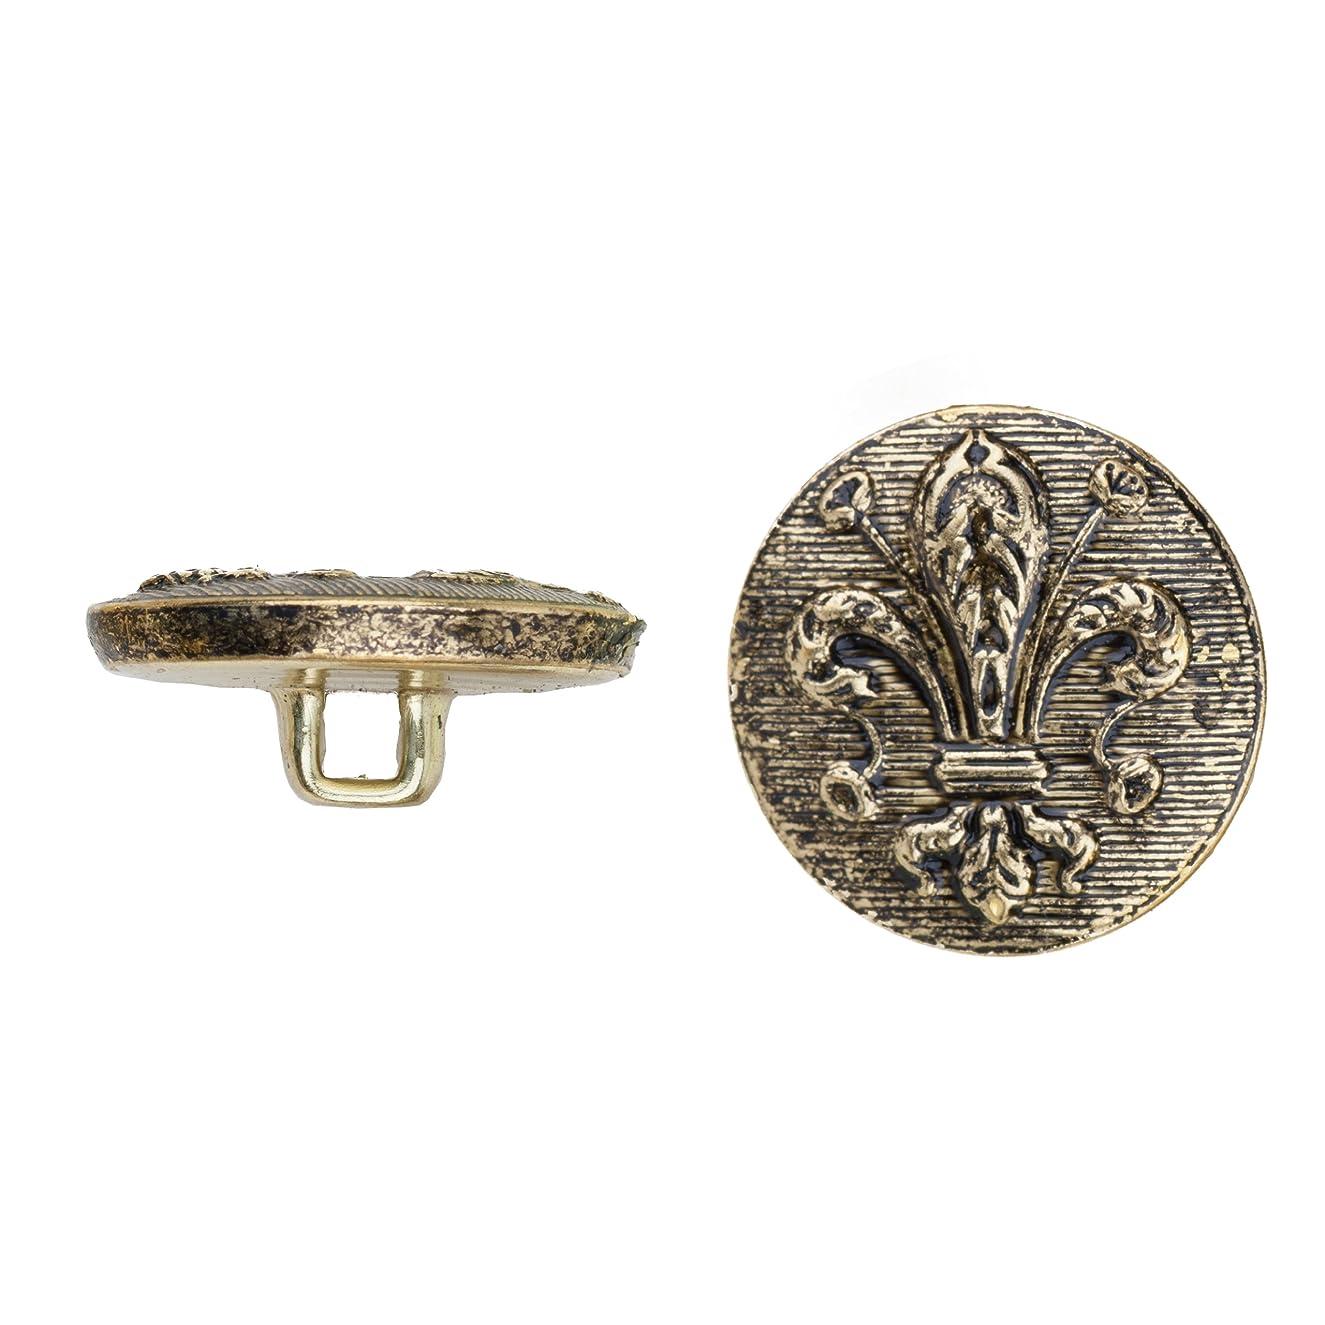 C&C Metal Products 5040 Fleur De Lis Metal Button, Size 30 Ligne, Antique Gold, 36-Pack